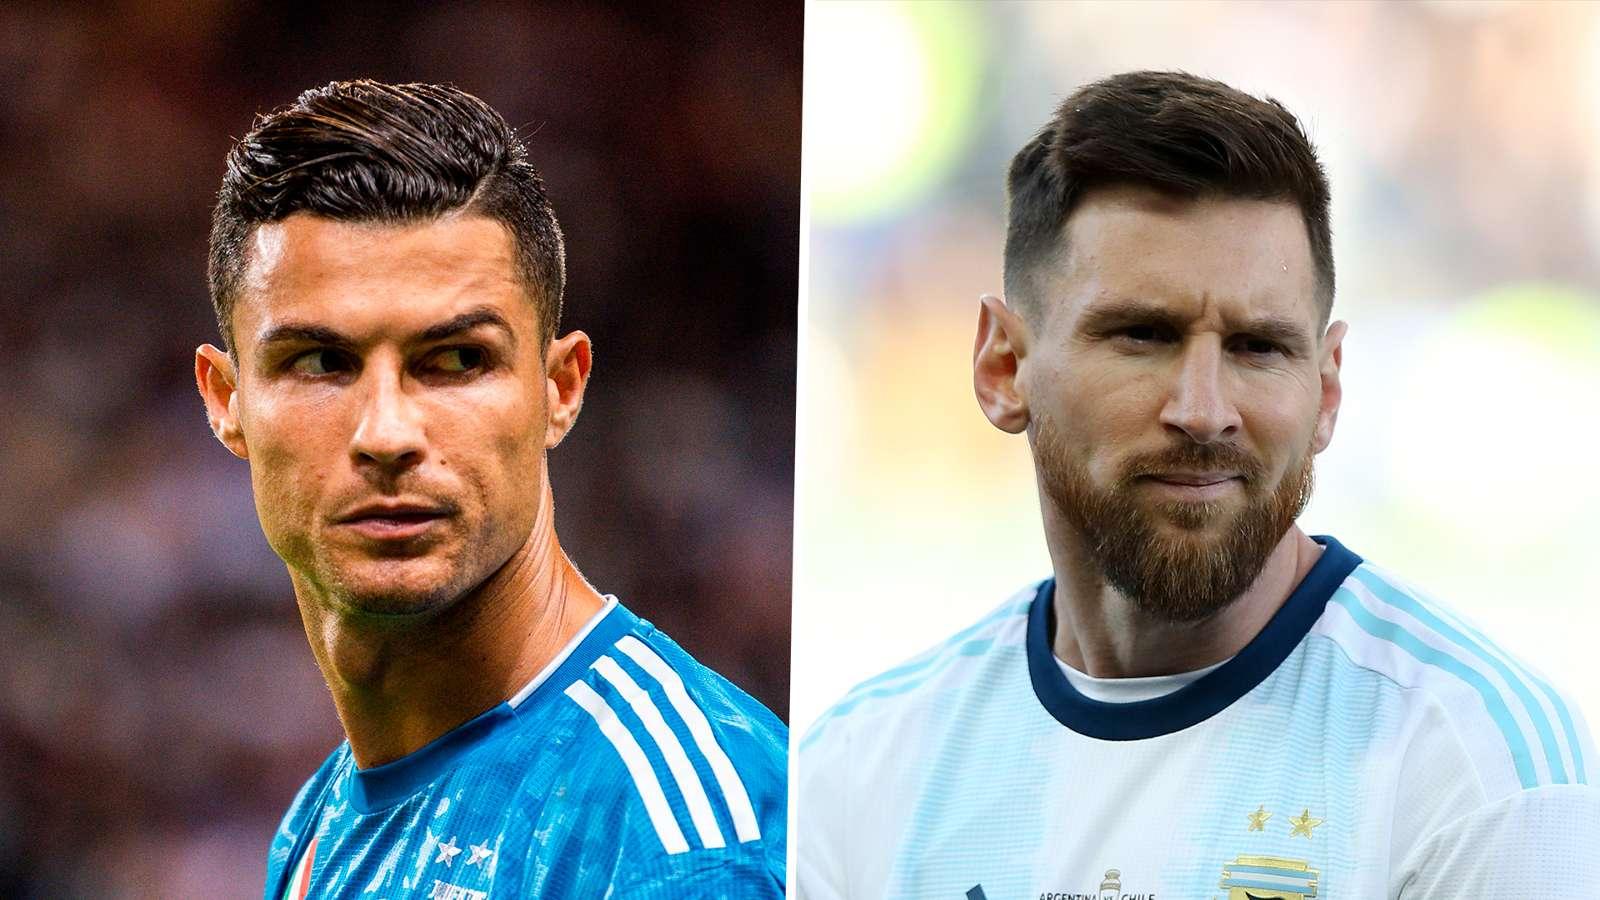 José Mourinho dévoile son GOAT : ce n'est ni Cristiano Ronaldo, ni Lionel Messi